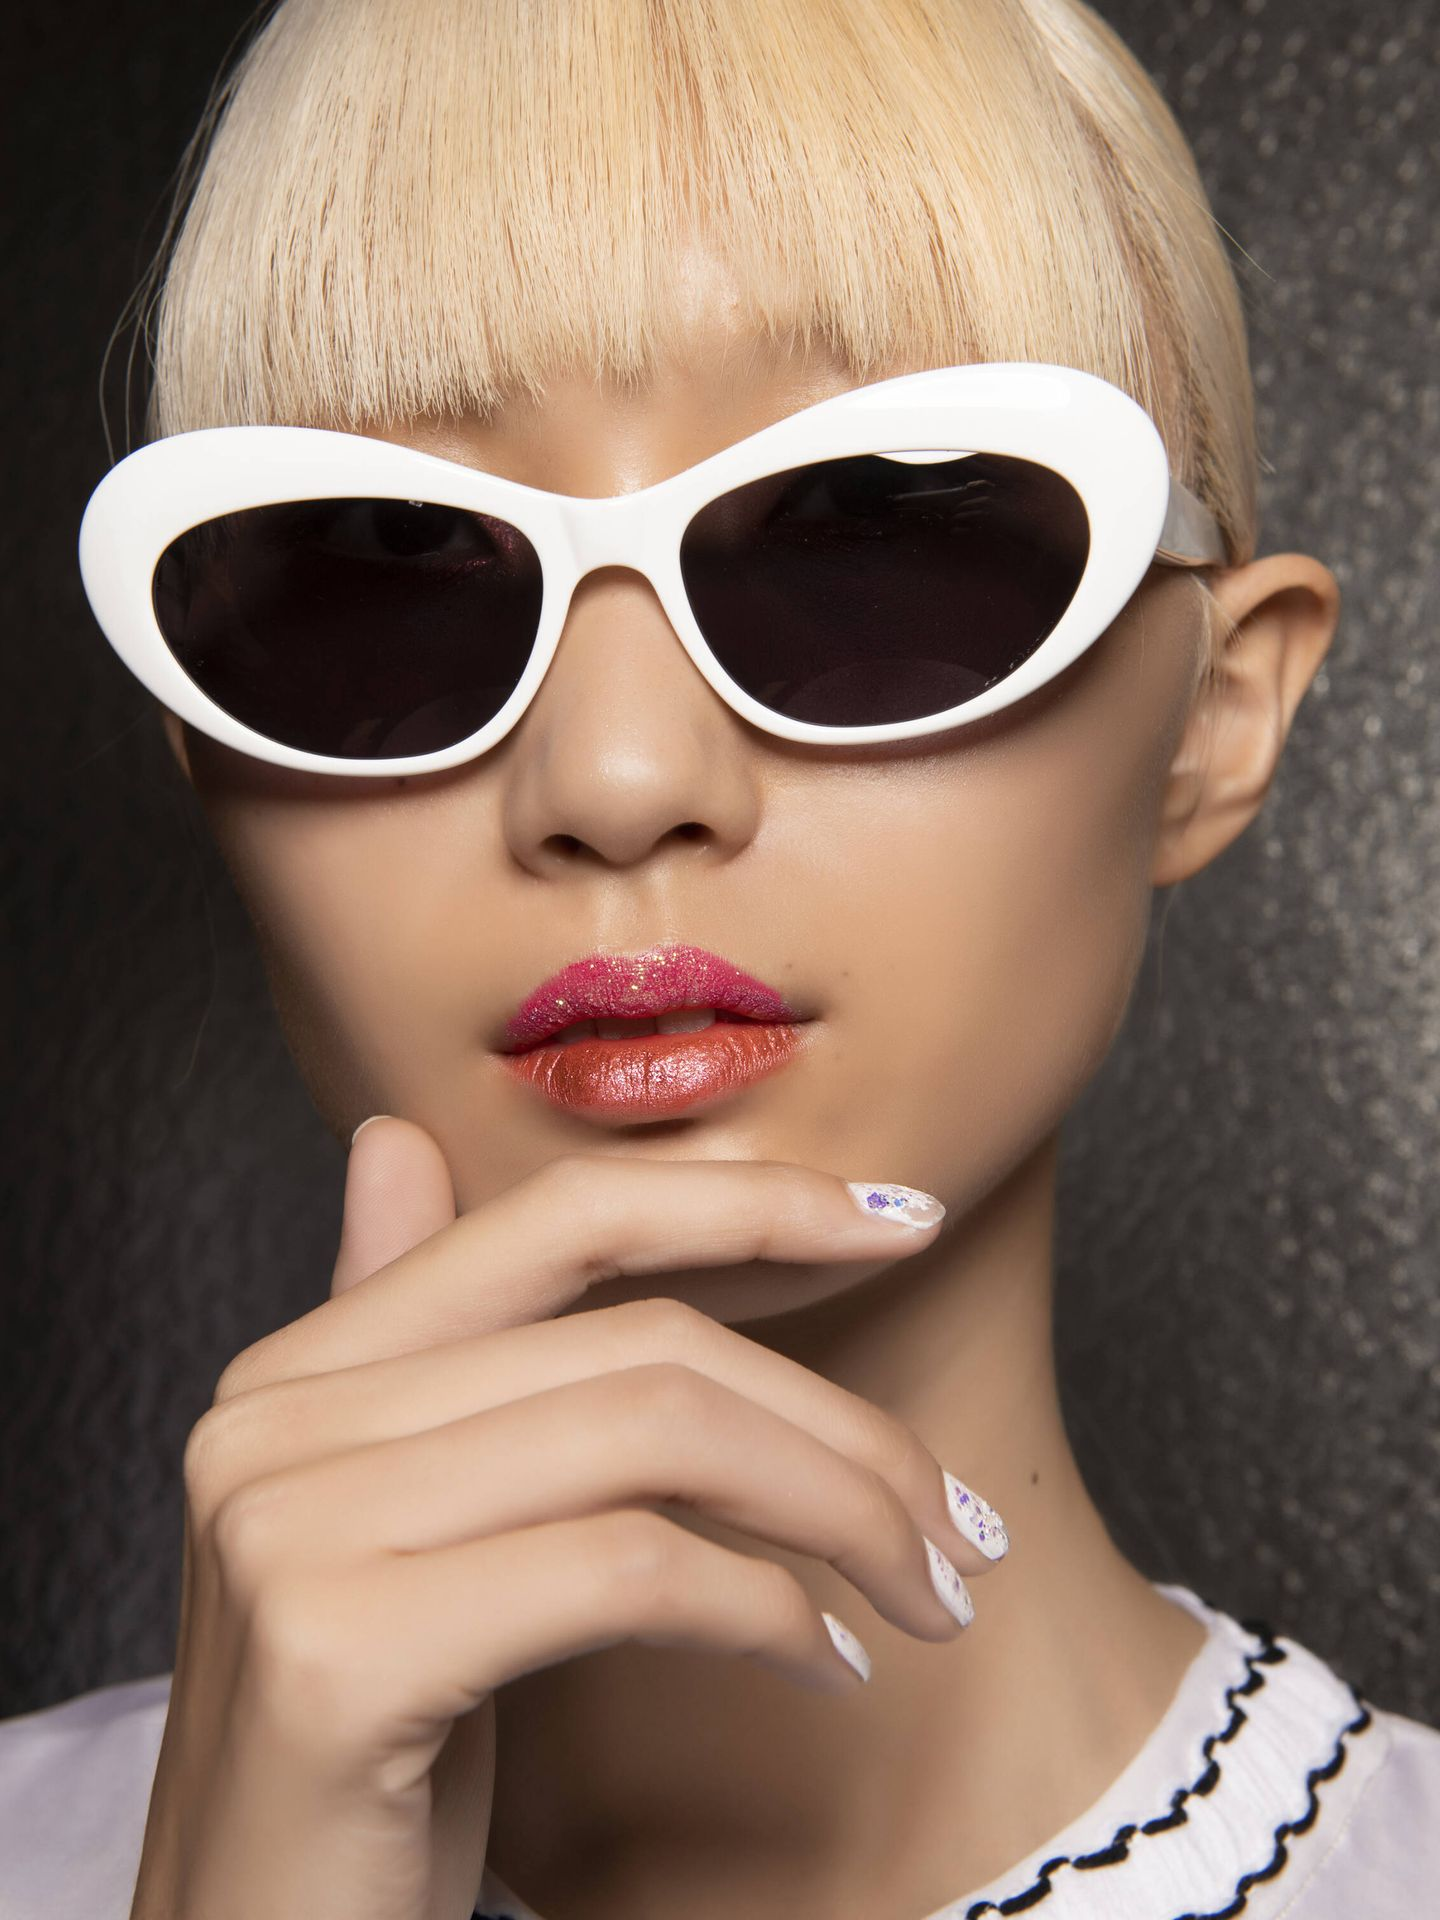 Si tus uñas son pequeñas o están muy cortas, las manicuras con aplicaciones pueden ser un riesgo si no las realiza un profesional. (Imaxtree)